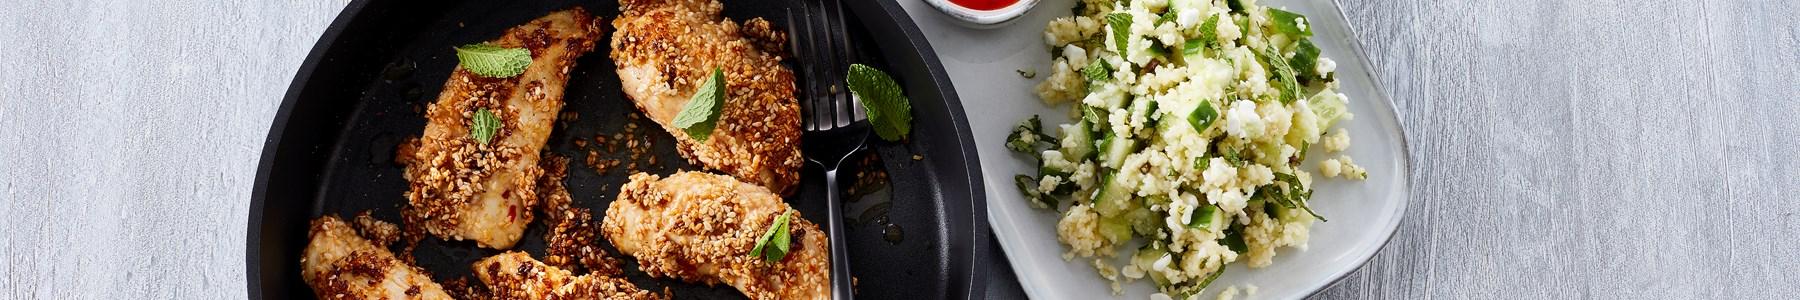 Hurtig + Salater + Kyllingefilet + Sommer